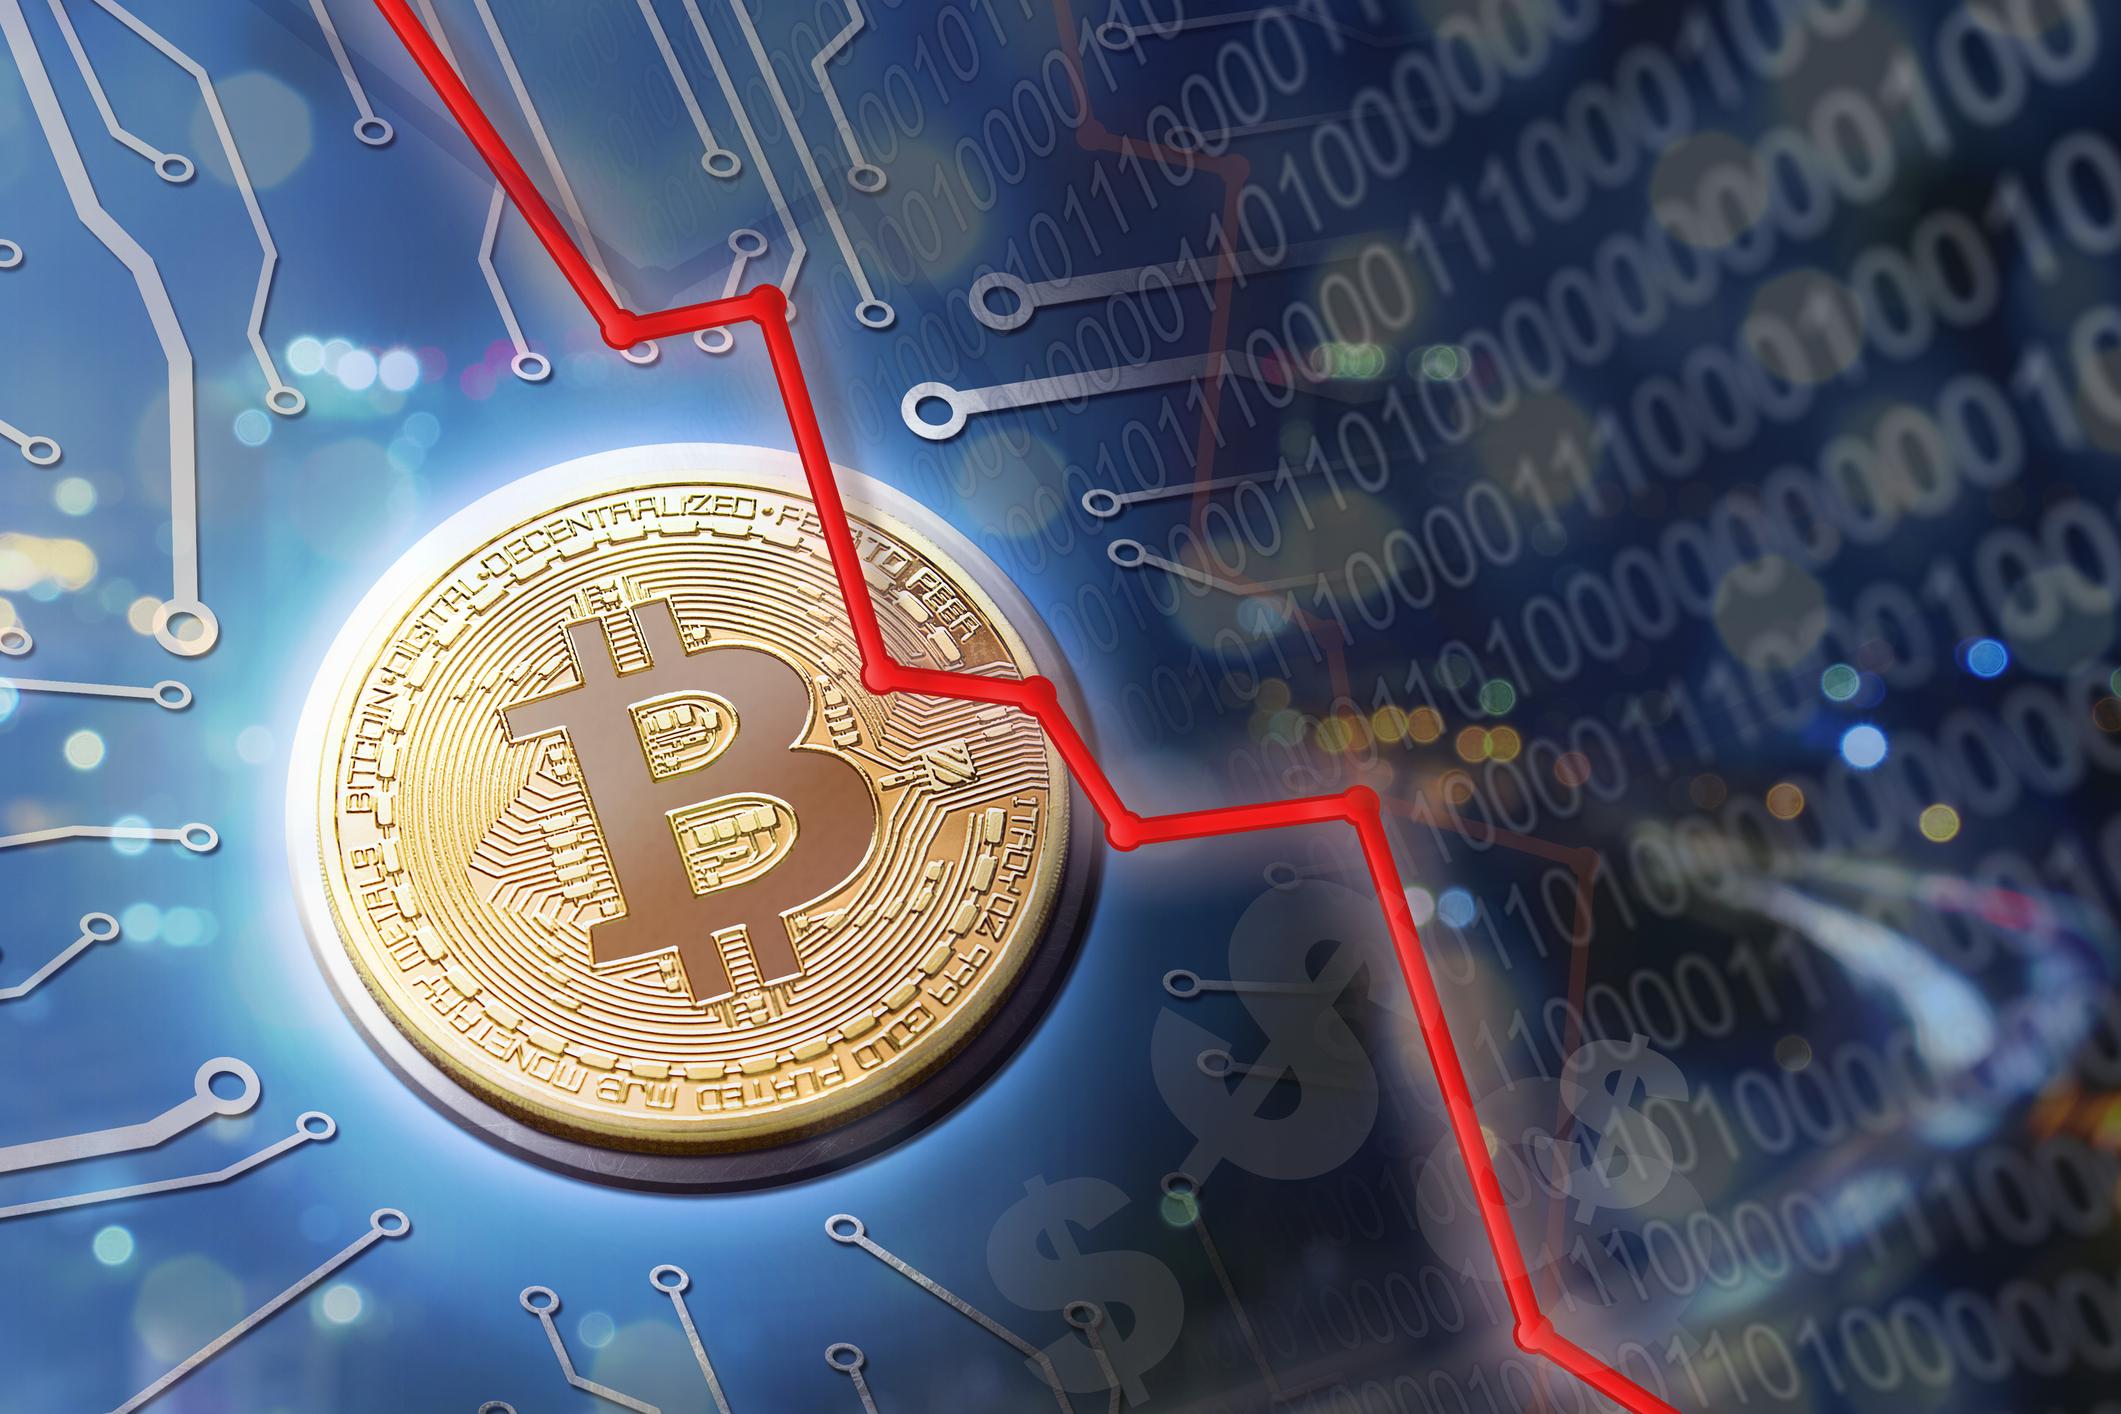 Bitcoin Slumps as Elon Musk Pulls Support